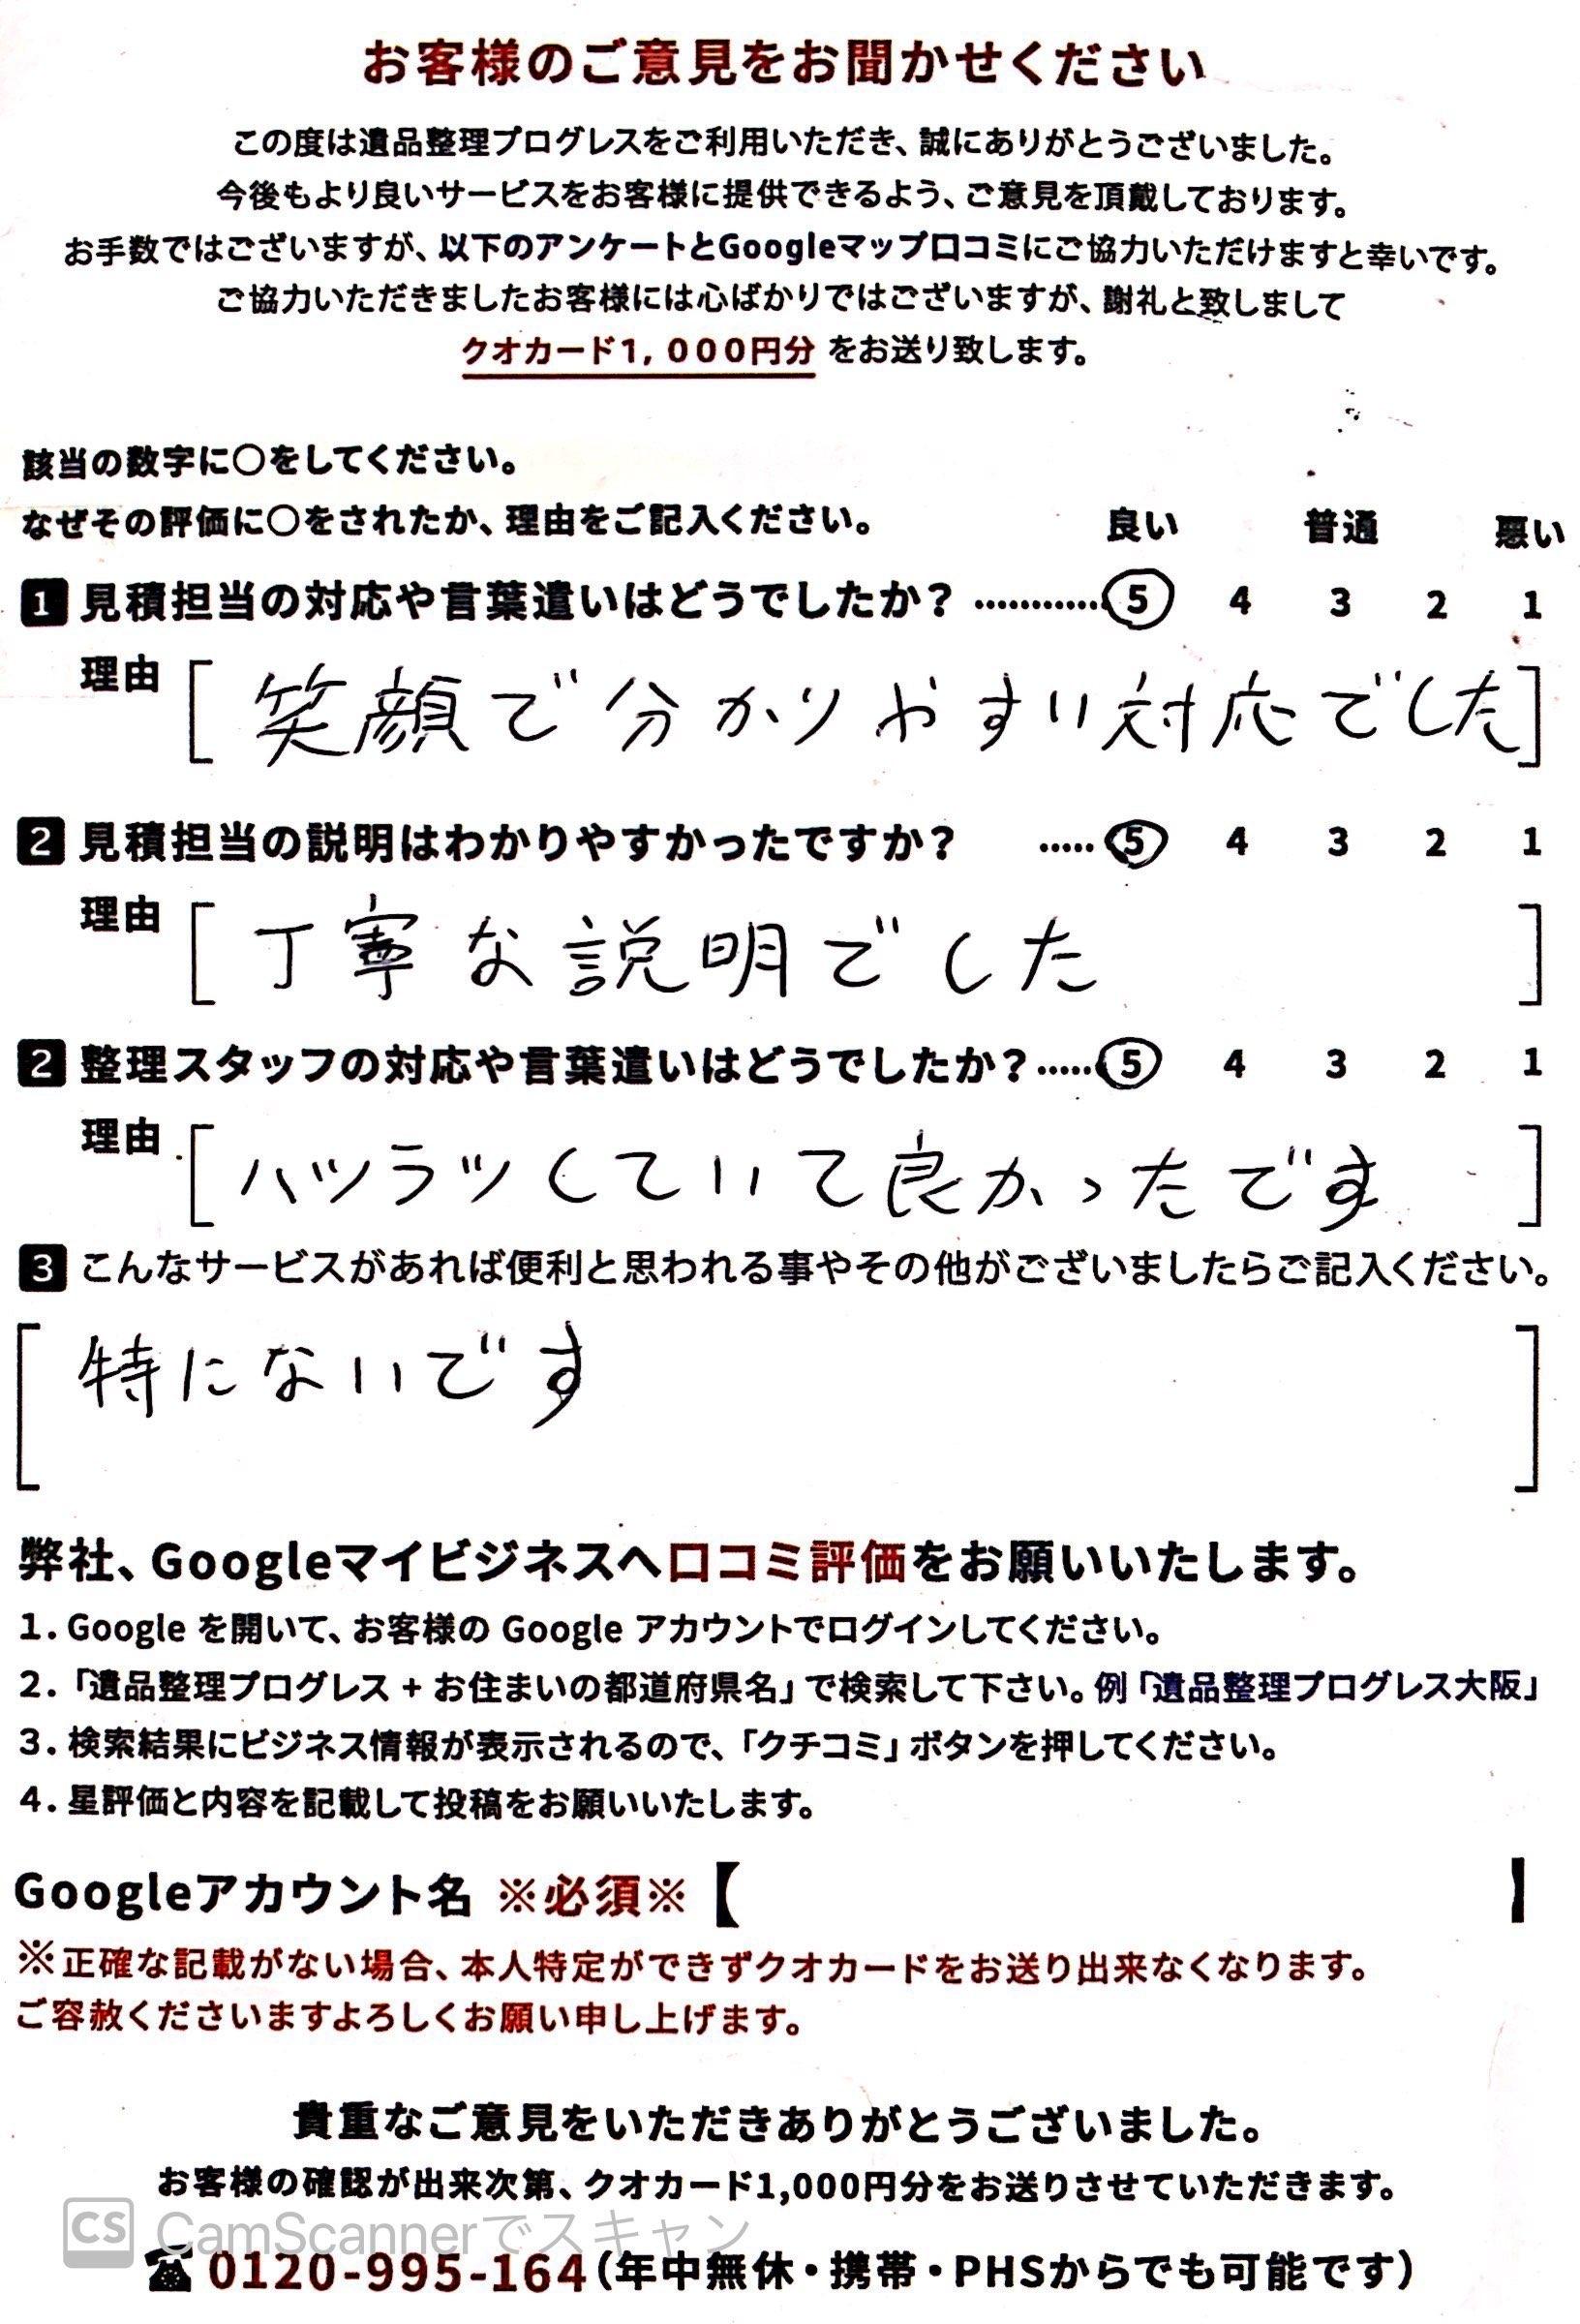 東京都大田区 I・M様のアンケート用紙